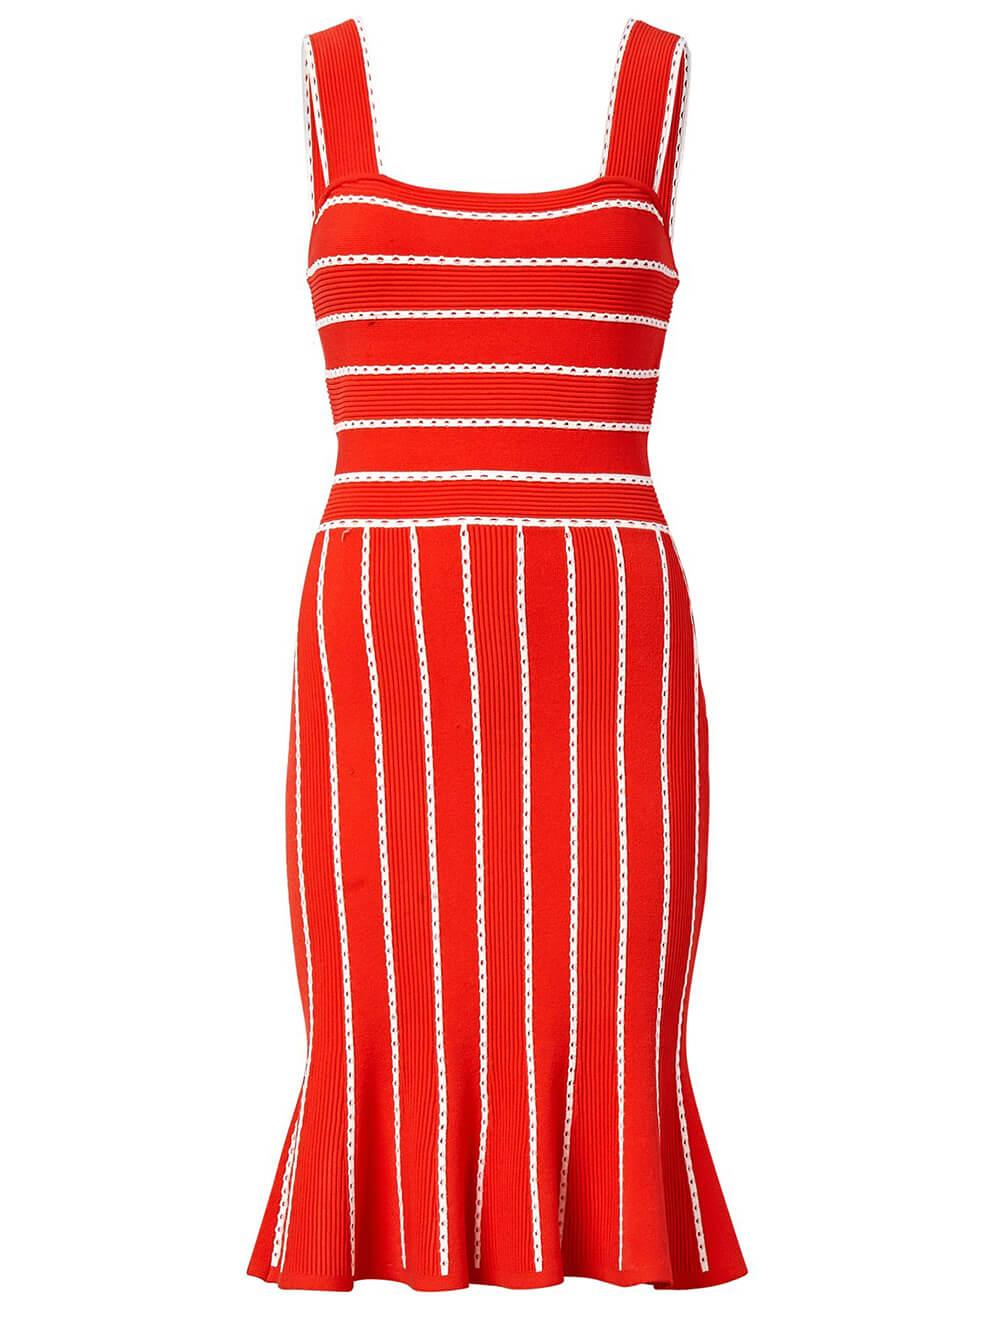 Biolor Striped Knit Dress Item # KOD096